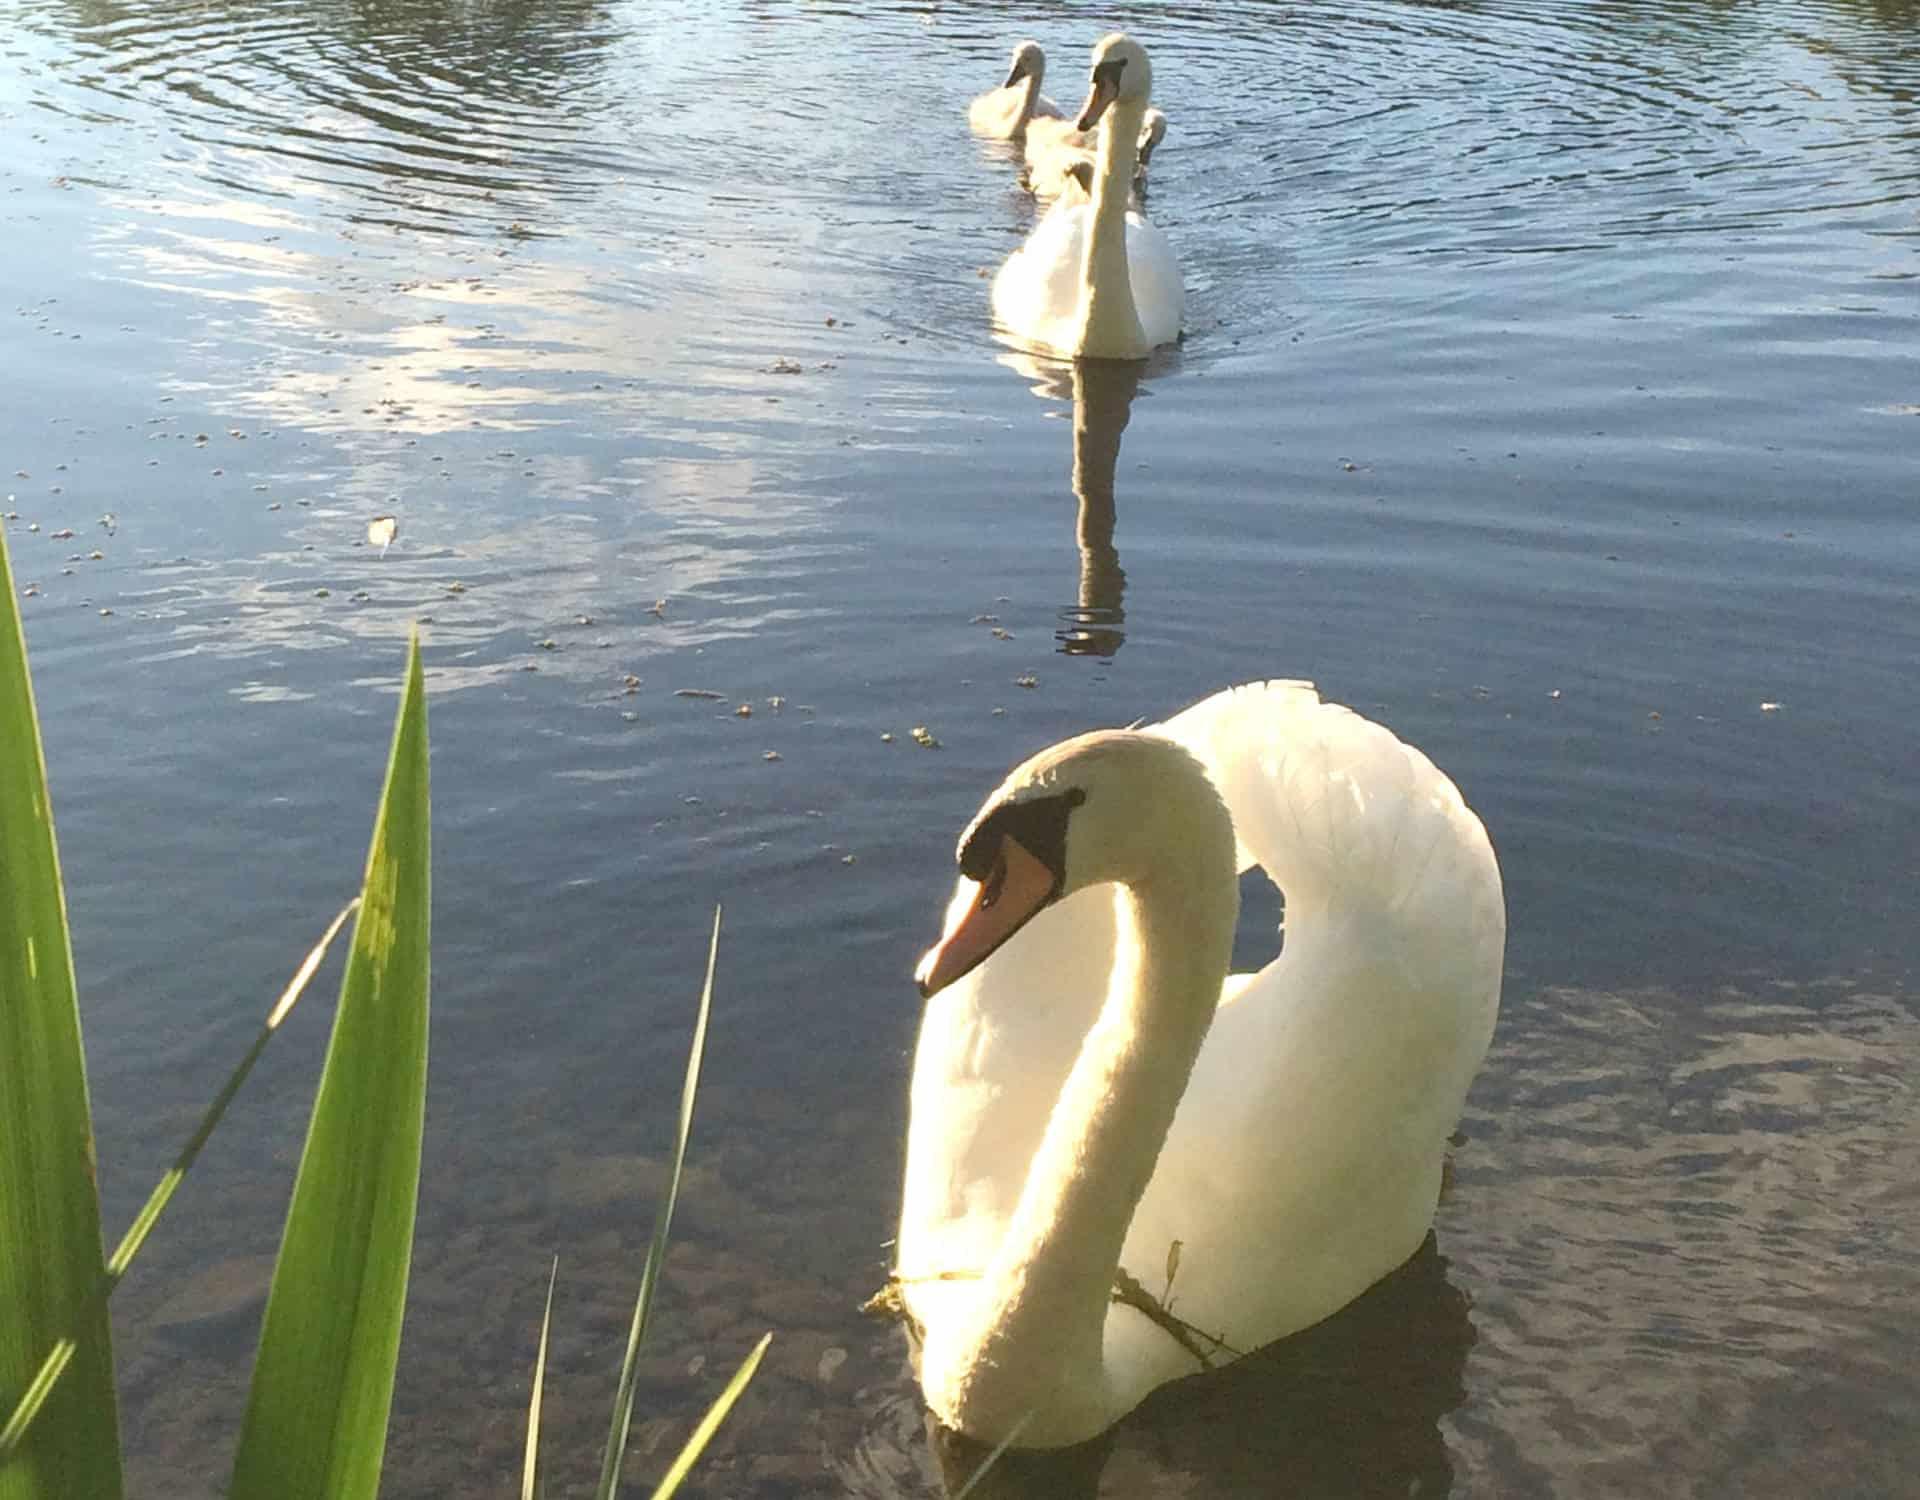 Enjoying Tranquility at Brompton Lakes aa